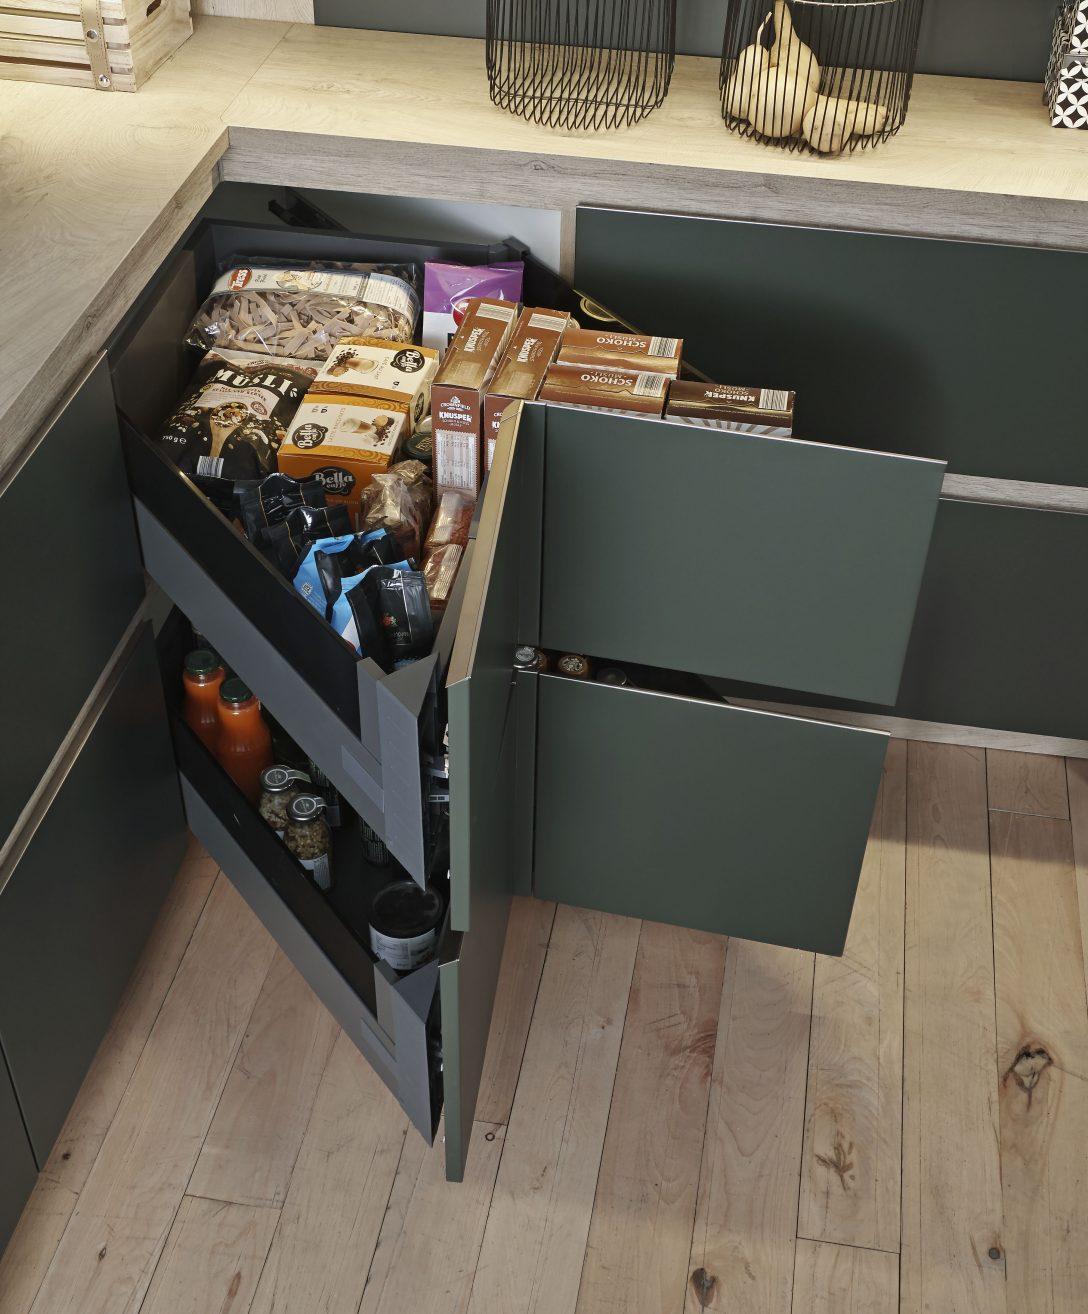 Full Size of Küchen Eckschrank Rondell Kche 60x60 Gebraucht Selber Bauen Küche Bad Regal Schlafzimmer Wohnzimmer Küchen Eckschrank Rondell